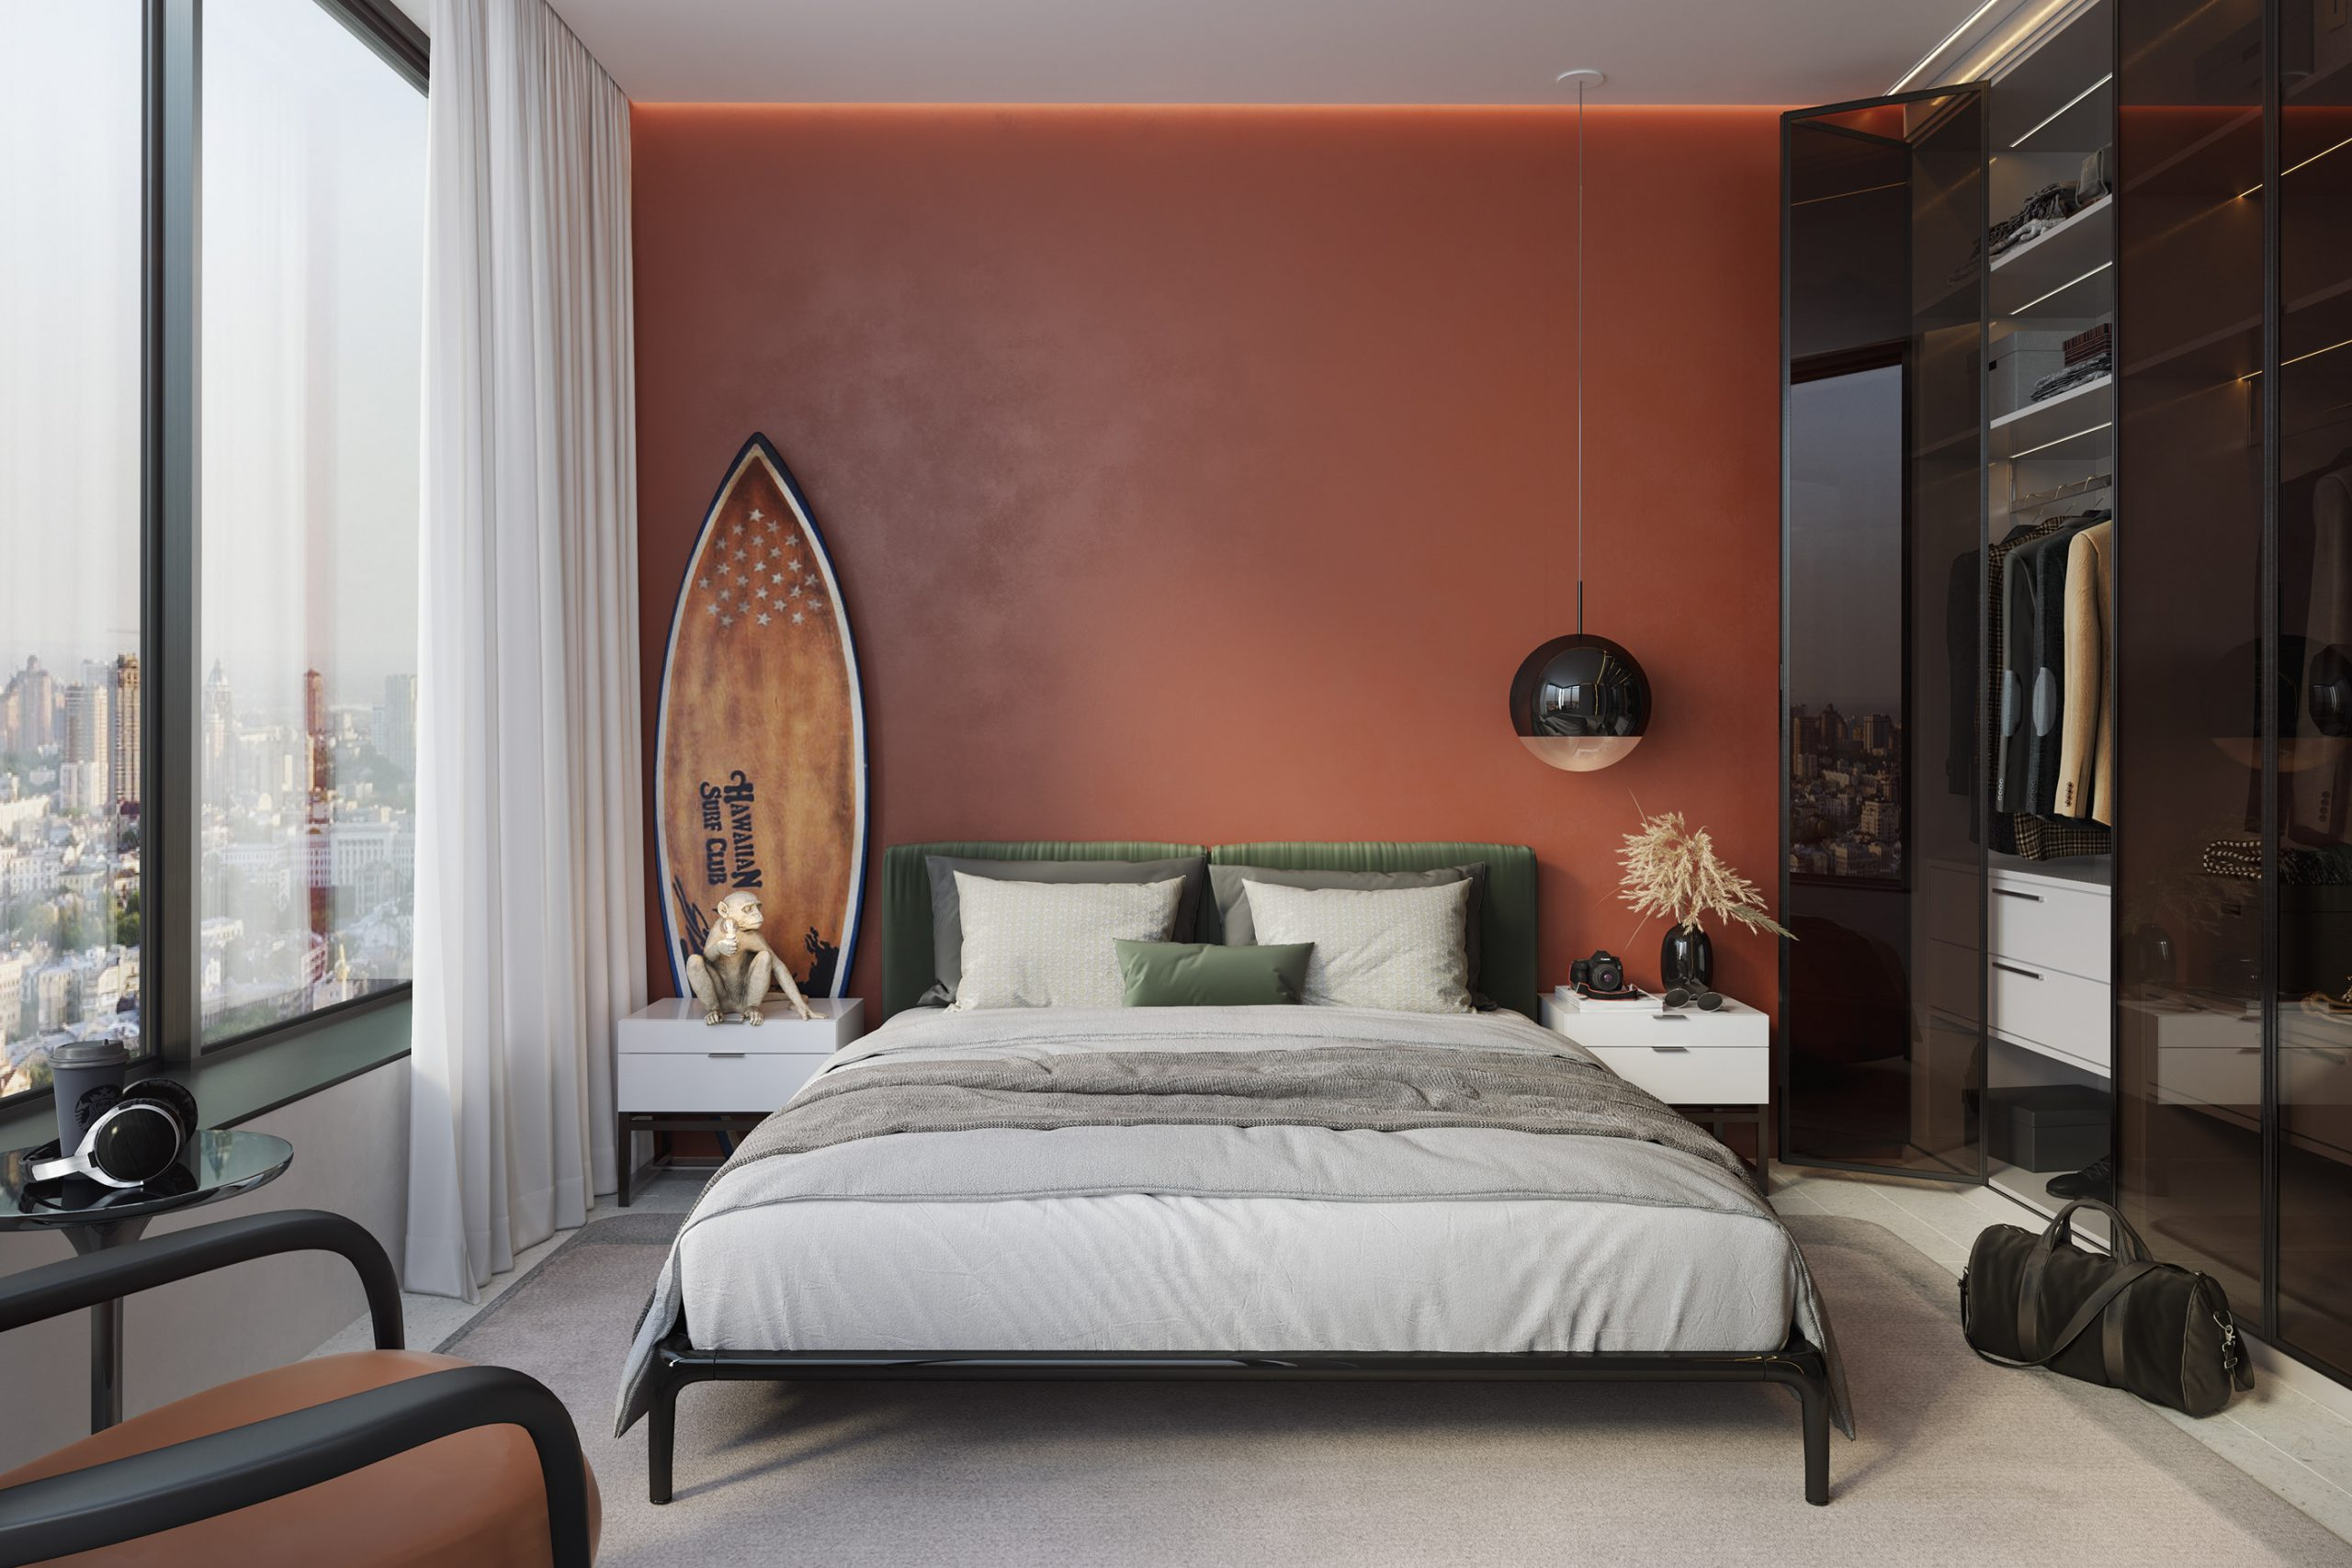 Nội thất căn hộ 3 phòng ngủ